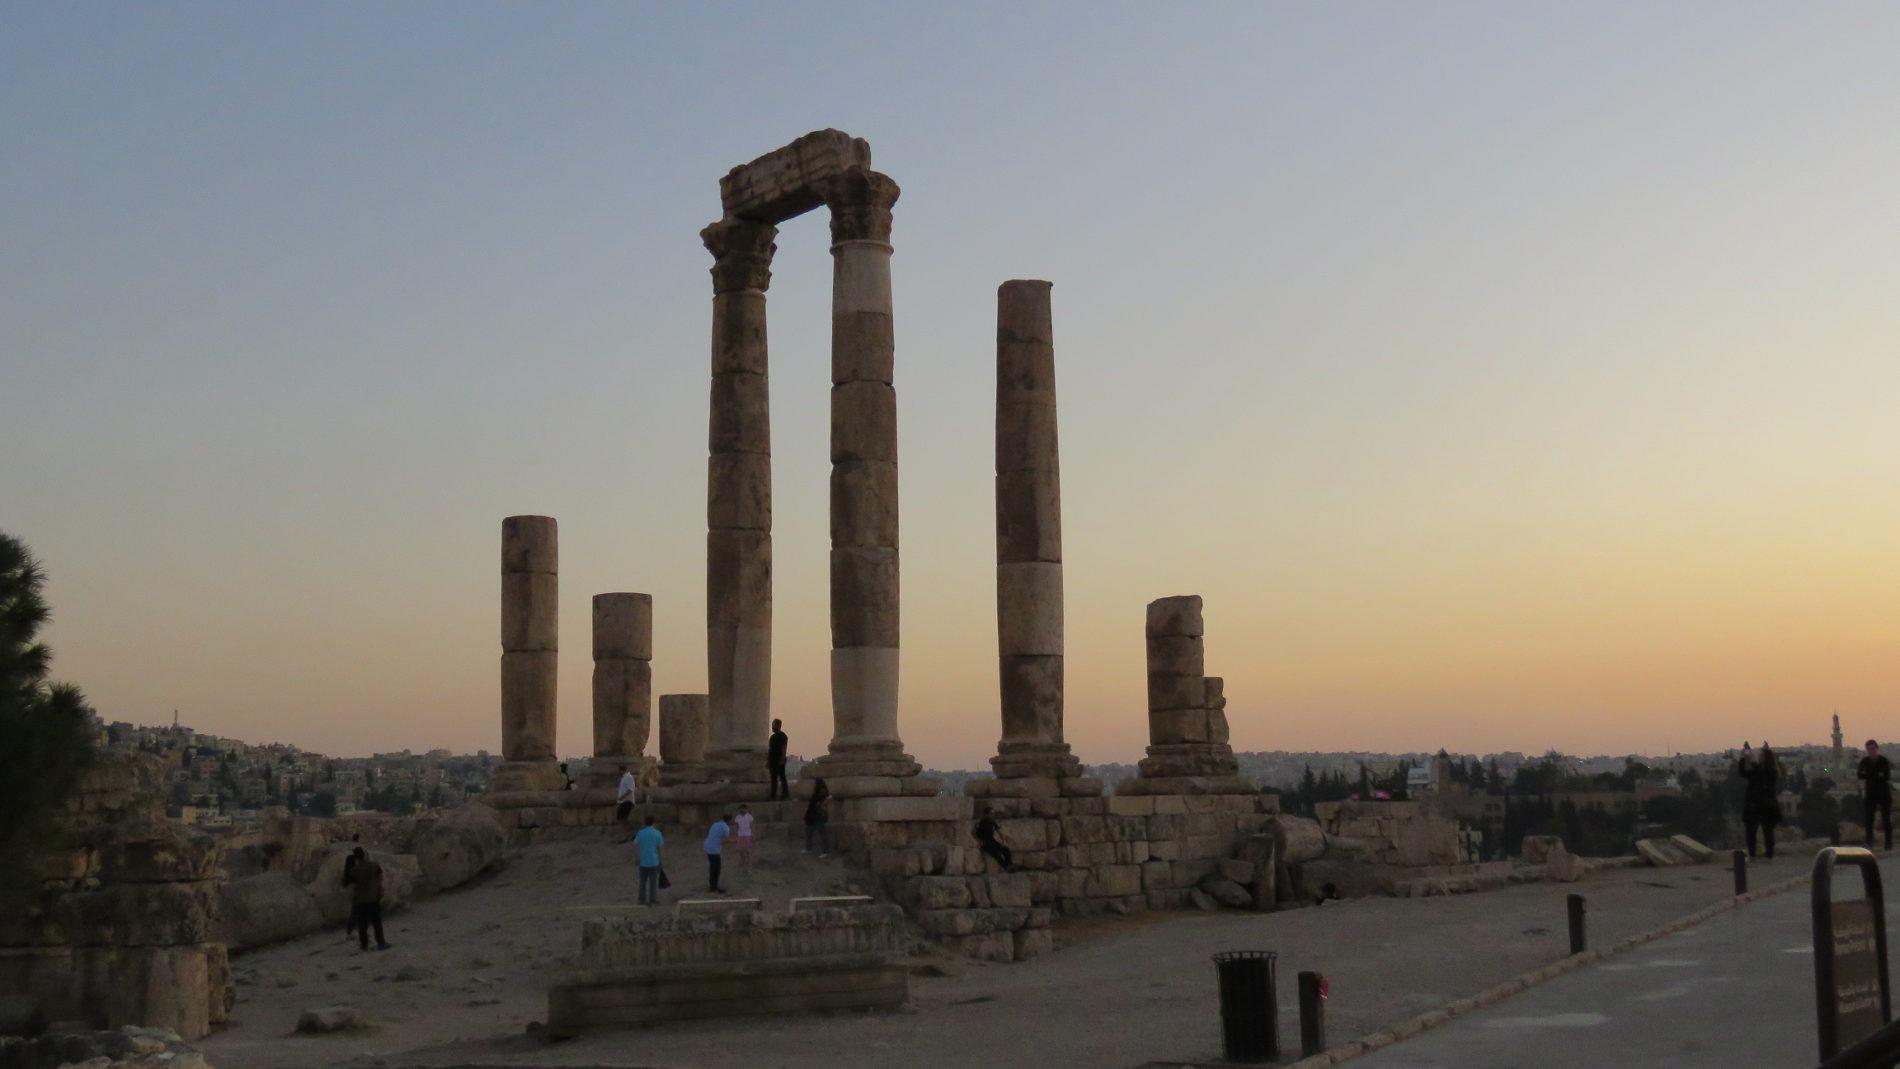 Tempioio di Ercoleal Tramonto - Cittadella di Amman